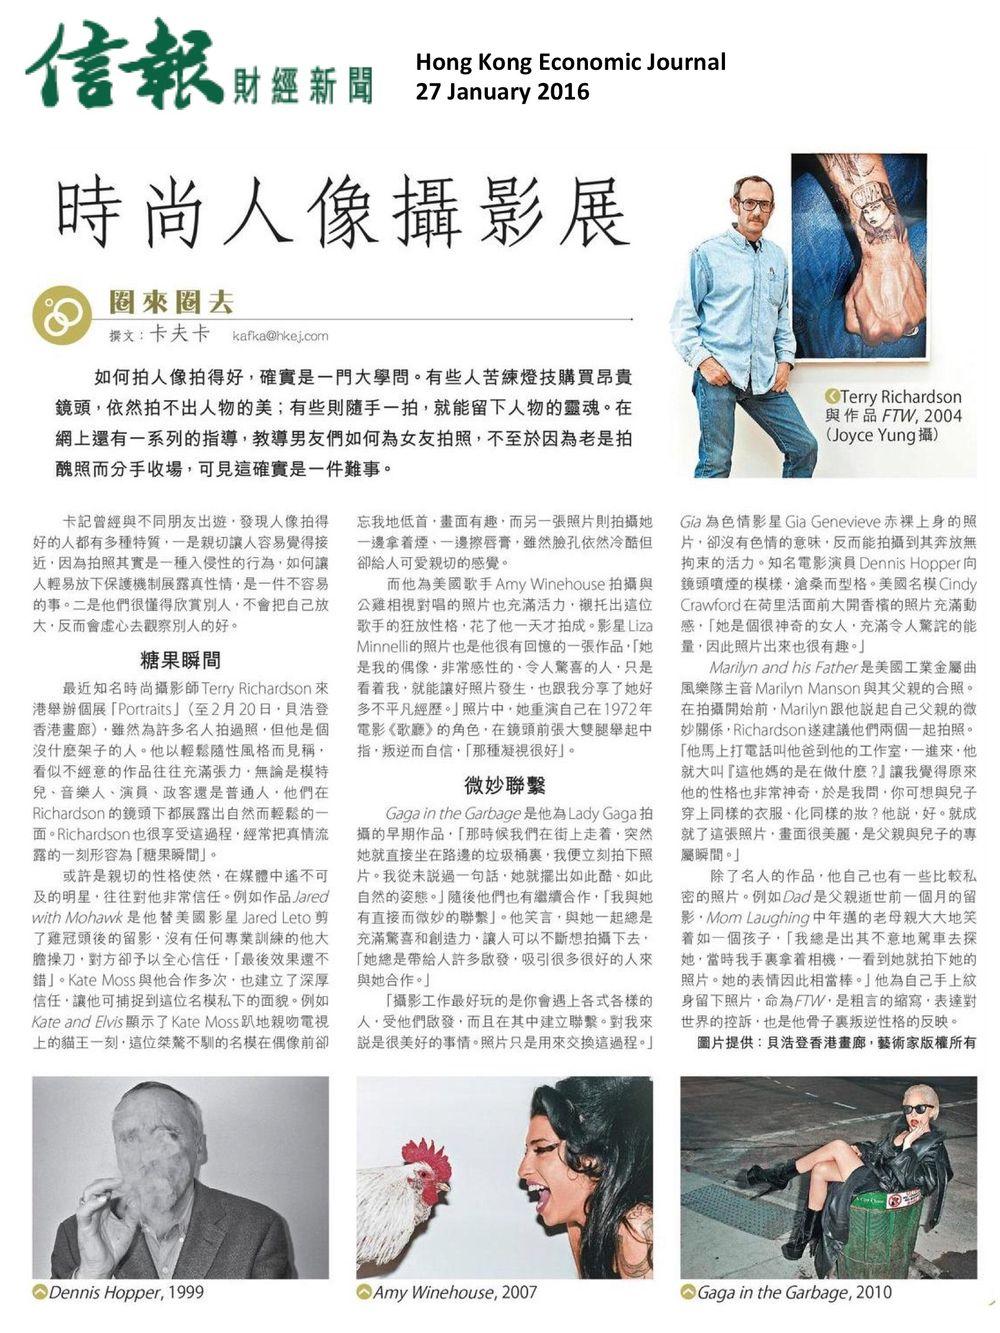 Hong Kong Economic Journal | PERROTIN